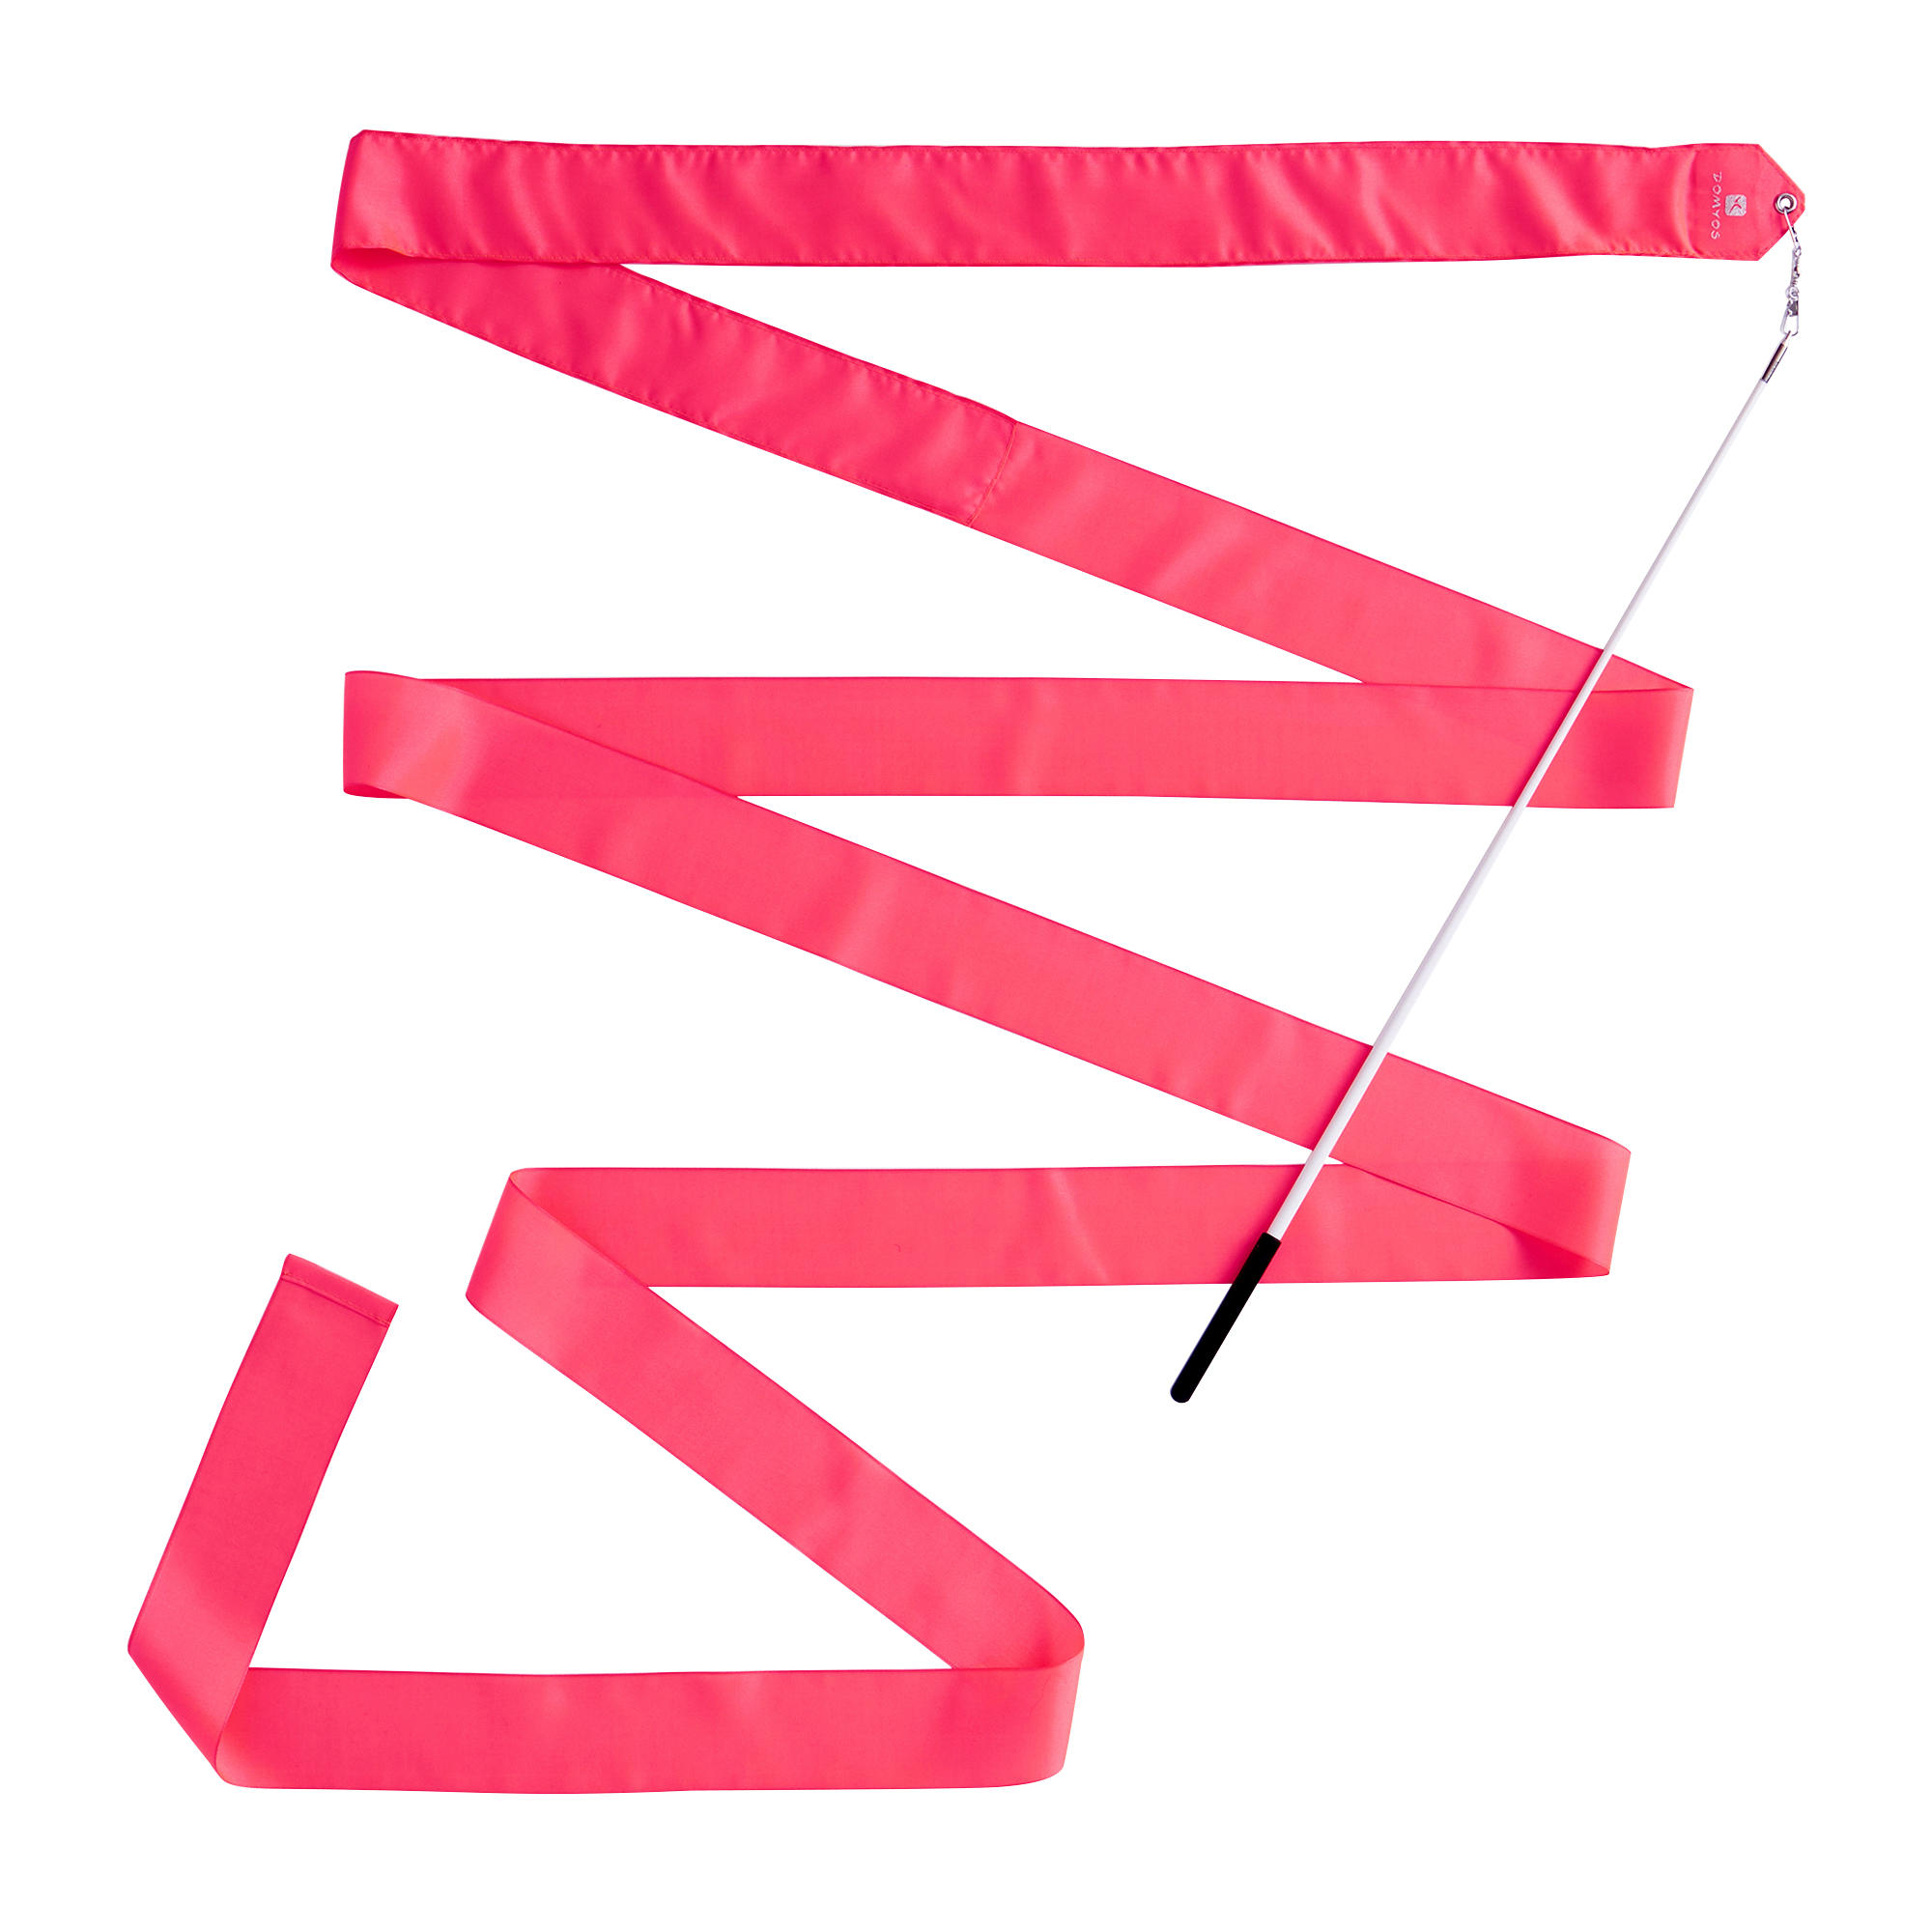 Panglică Gimnastică Ritmică 4m imagine